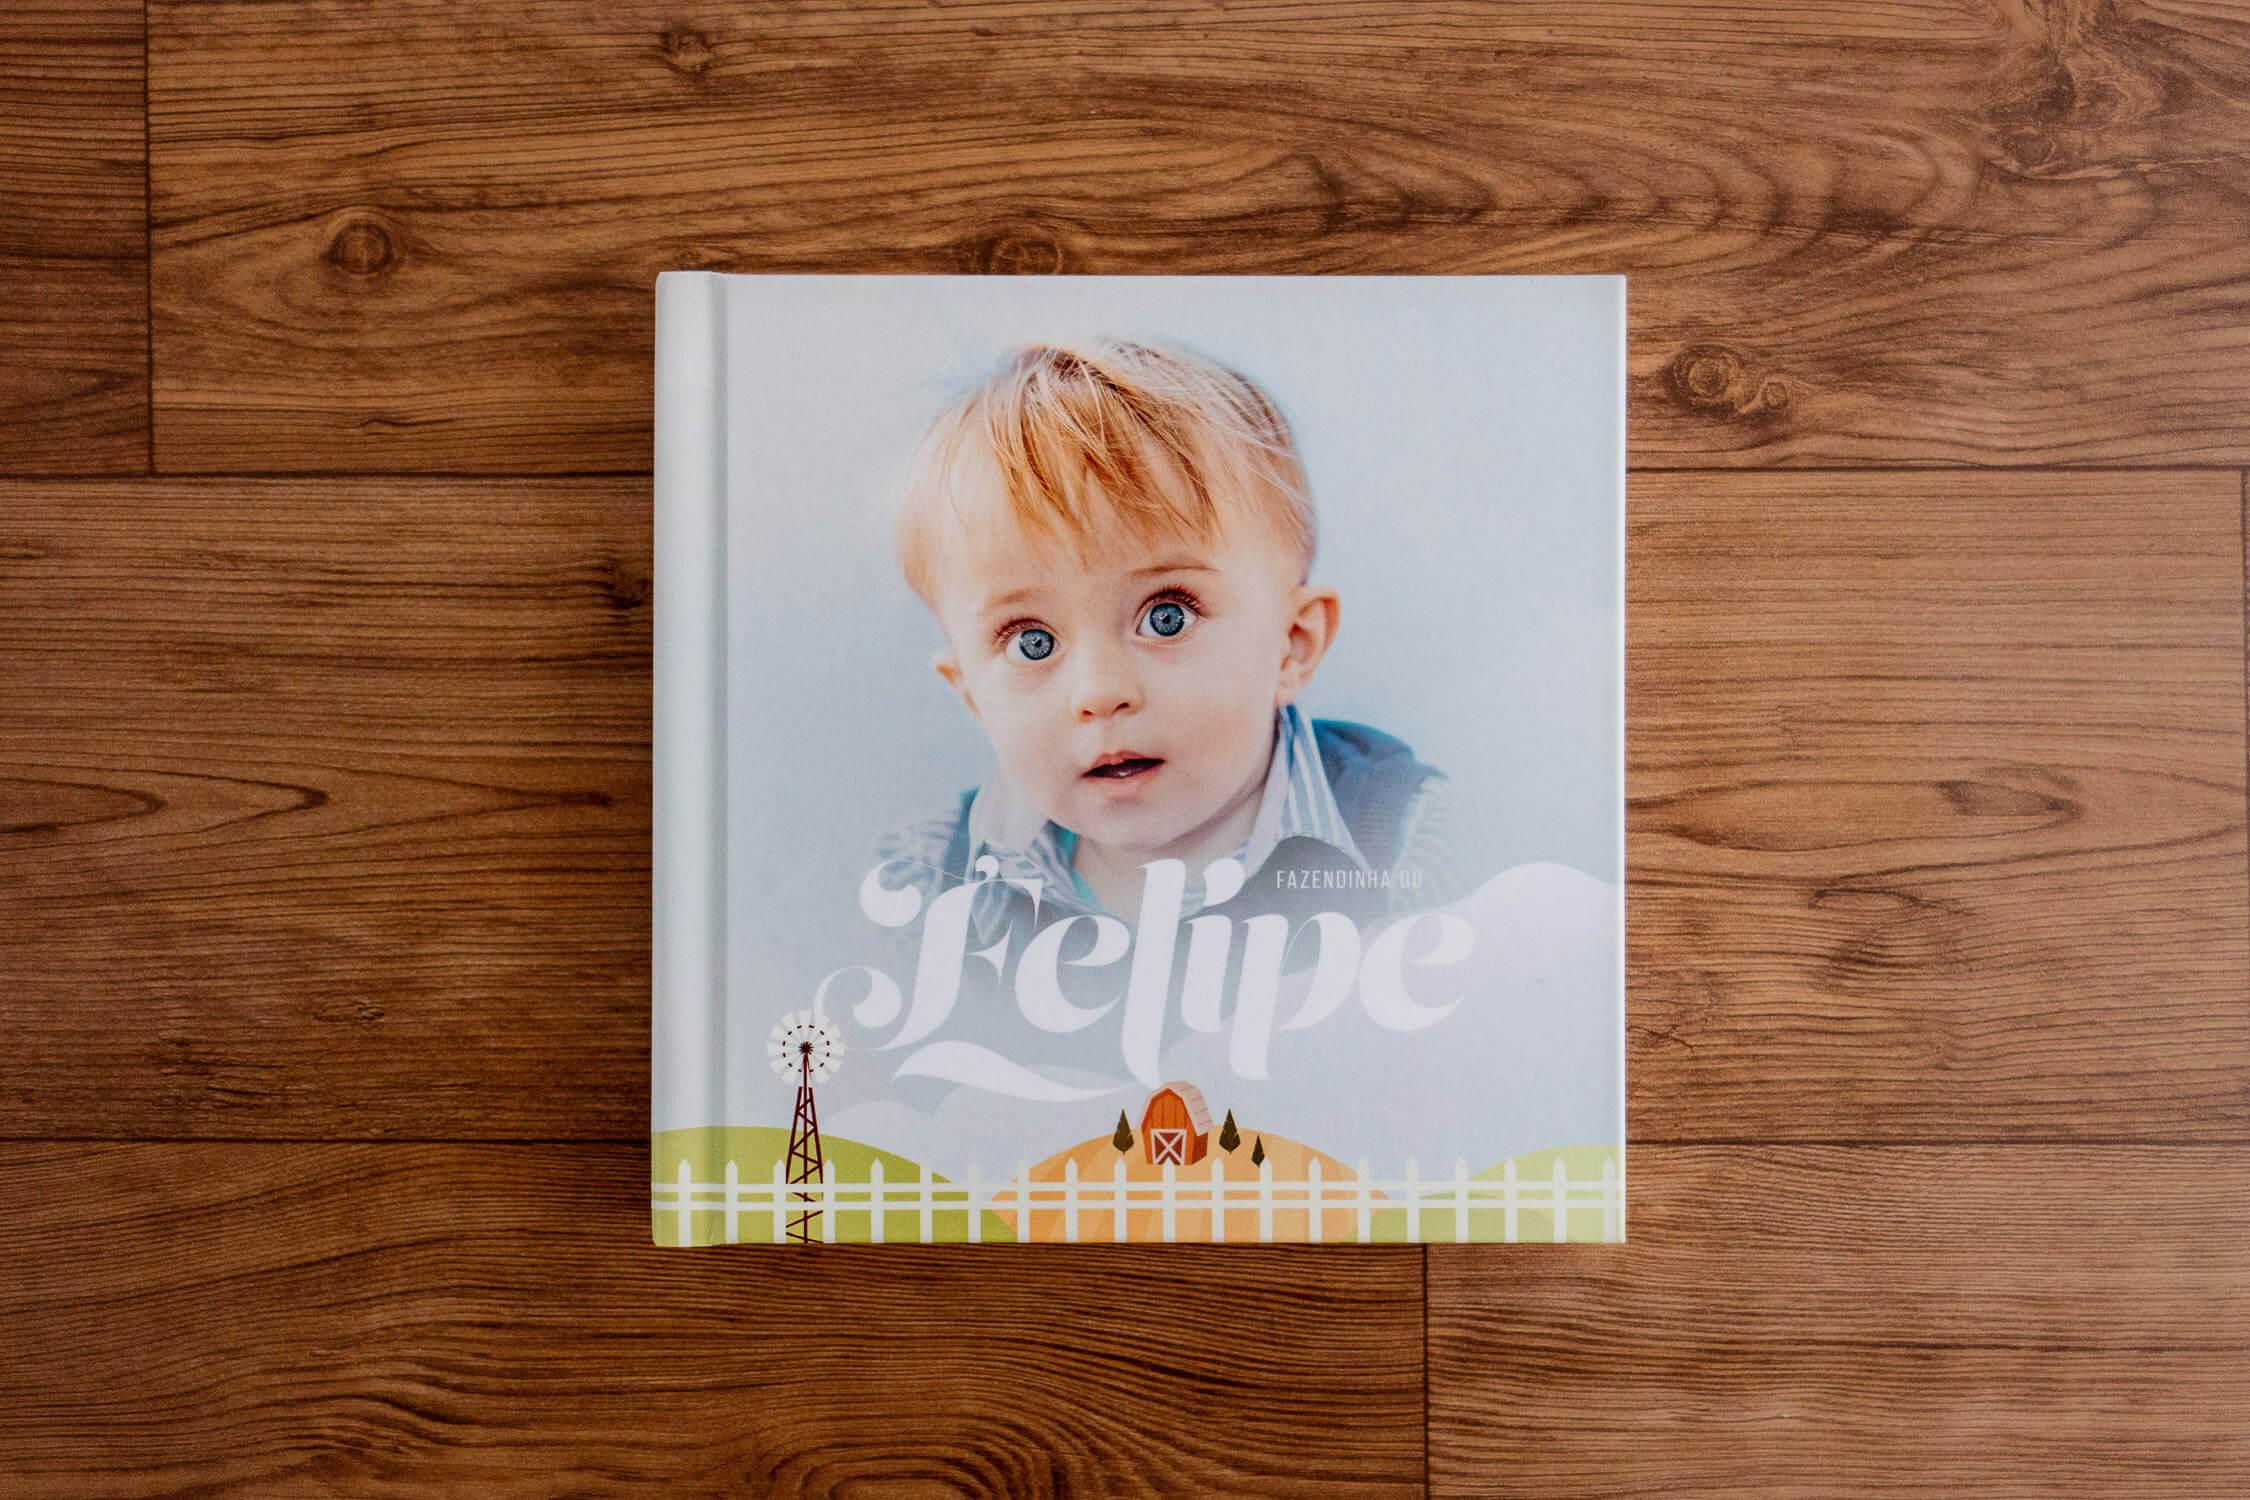 albuns-casamento-fotografia-ensaio-noivos-familia-weddingbook-photography-travel-photobook-1